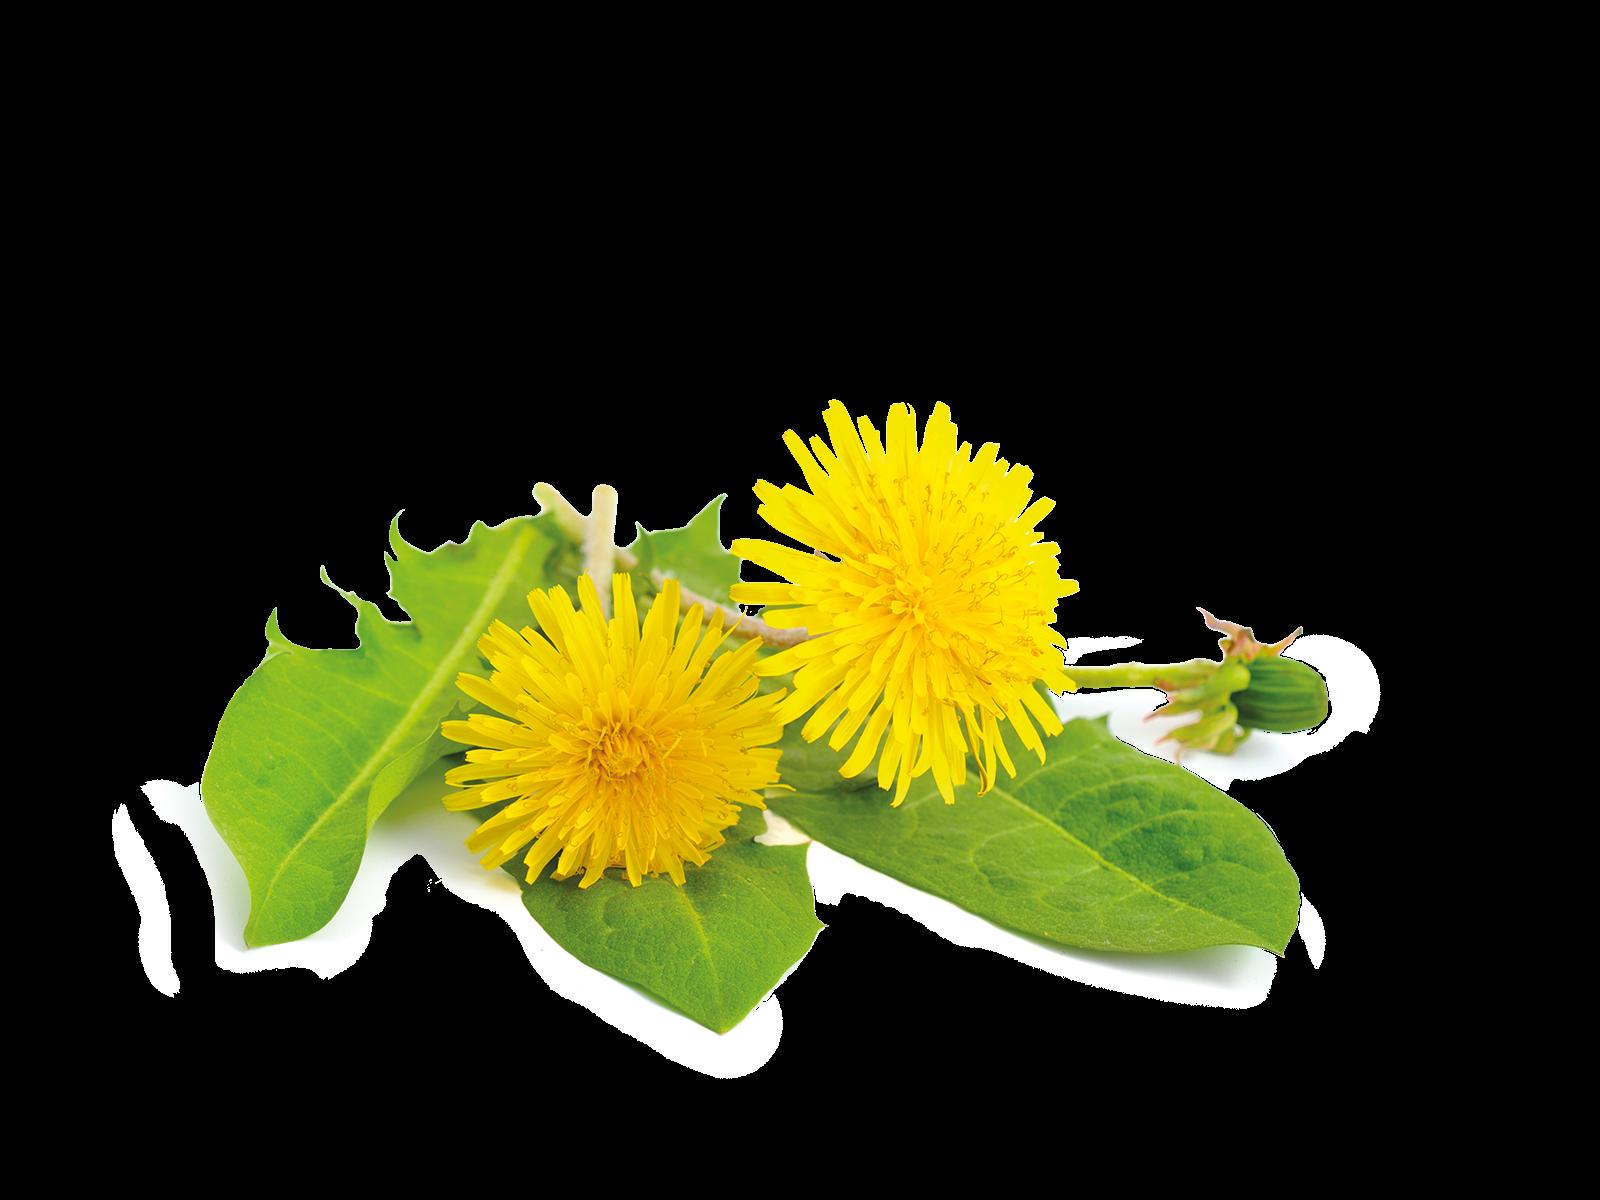 Blätter und Stängel Löwenzahn aus dem Produkt Kräuter Löwenzahn für Nager von Speers Hoff